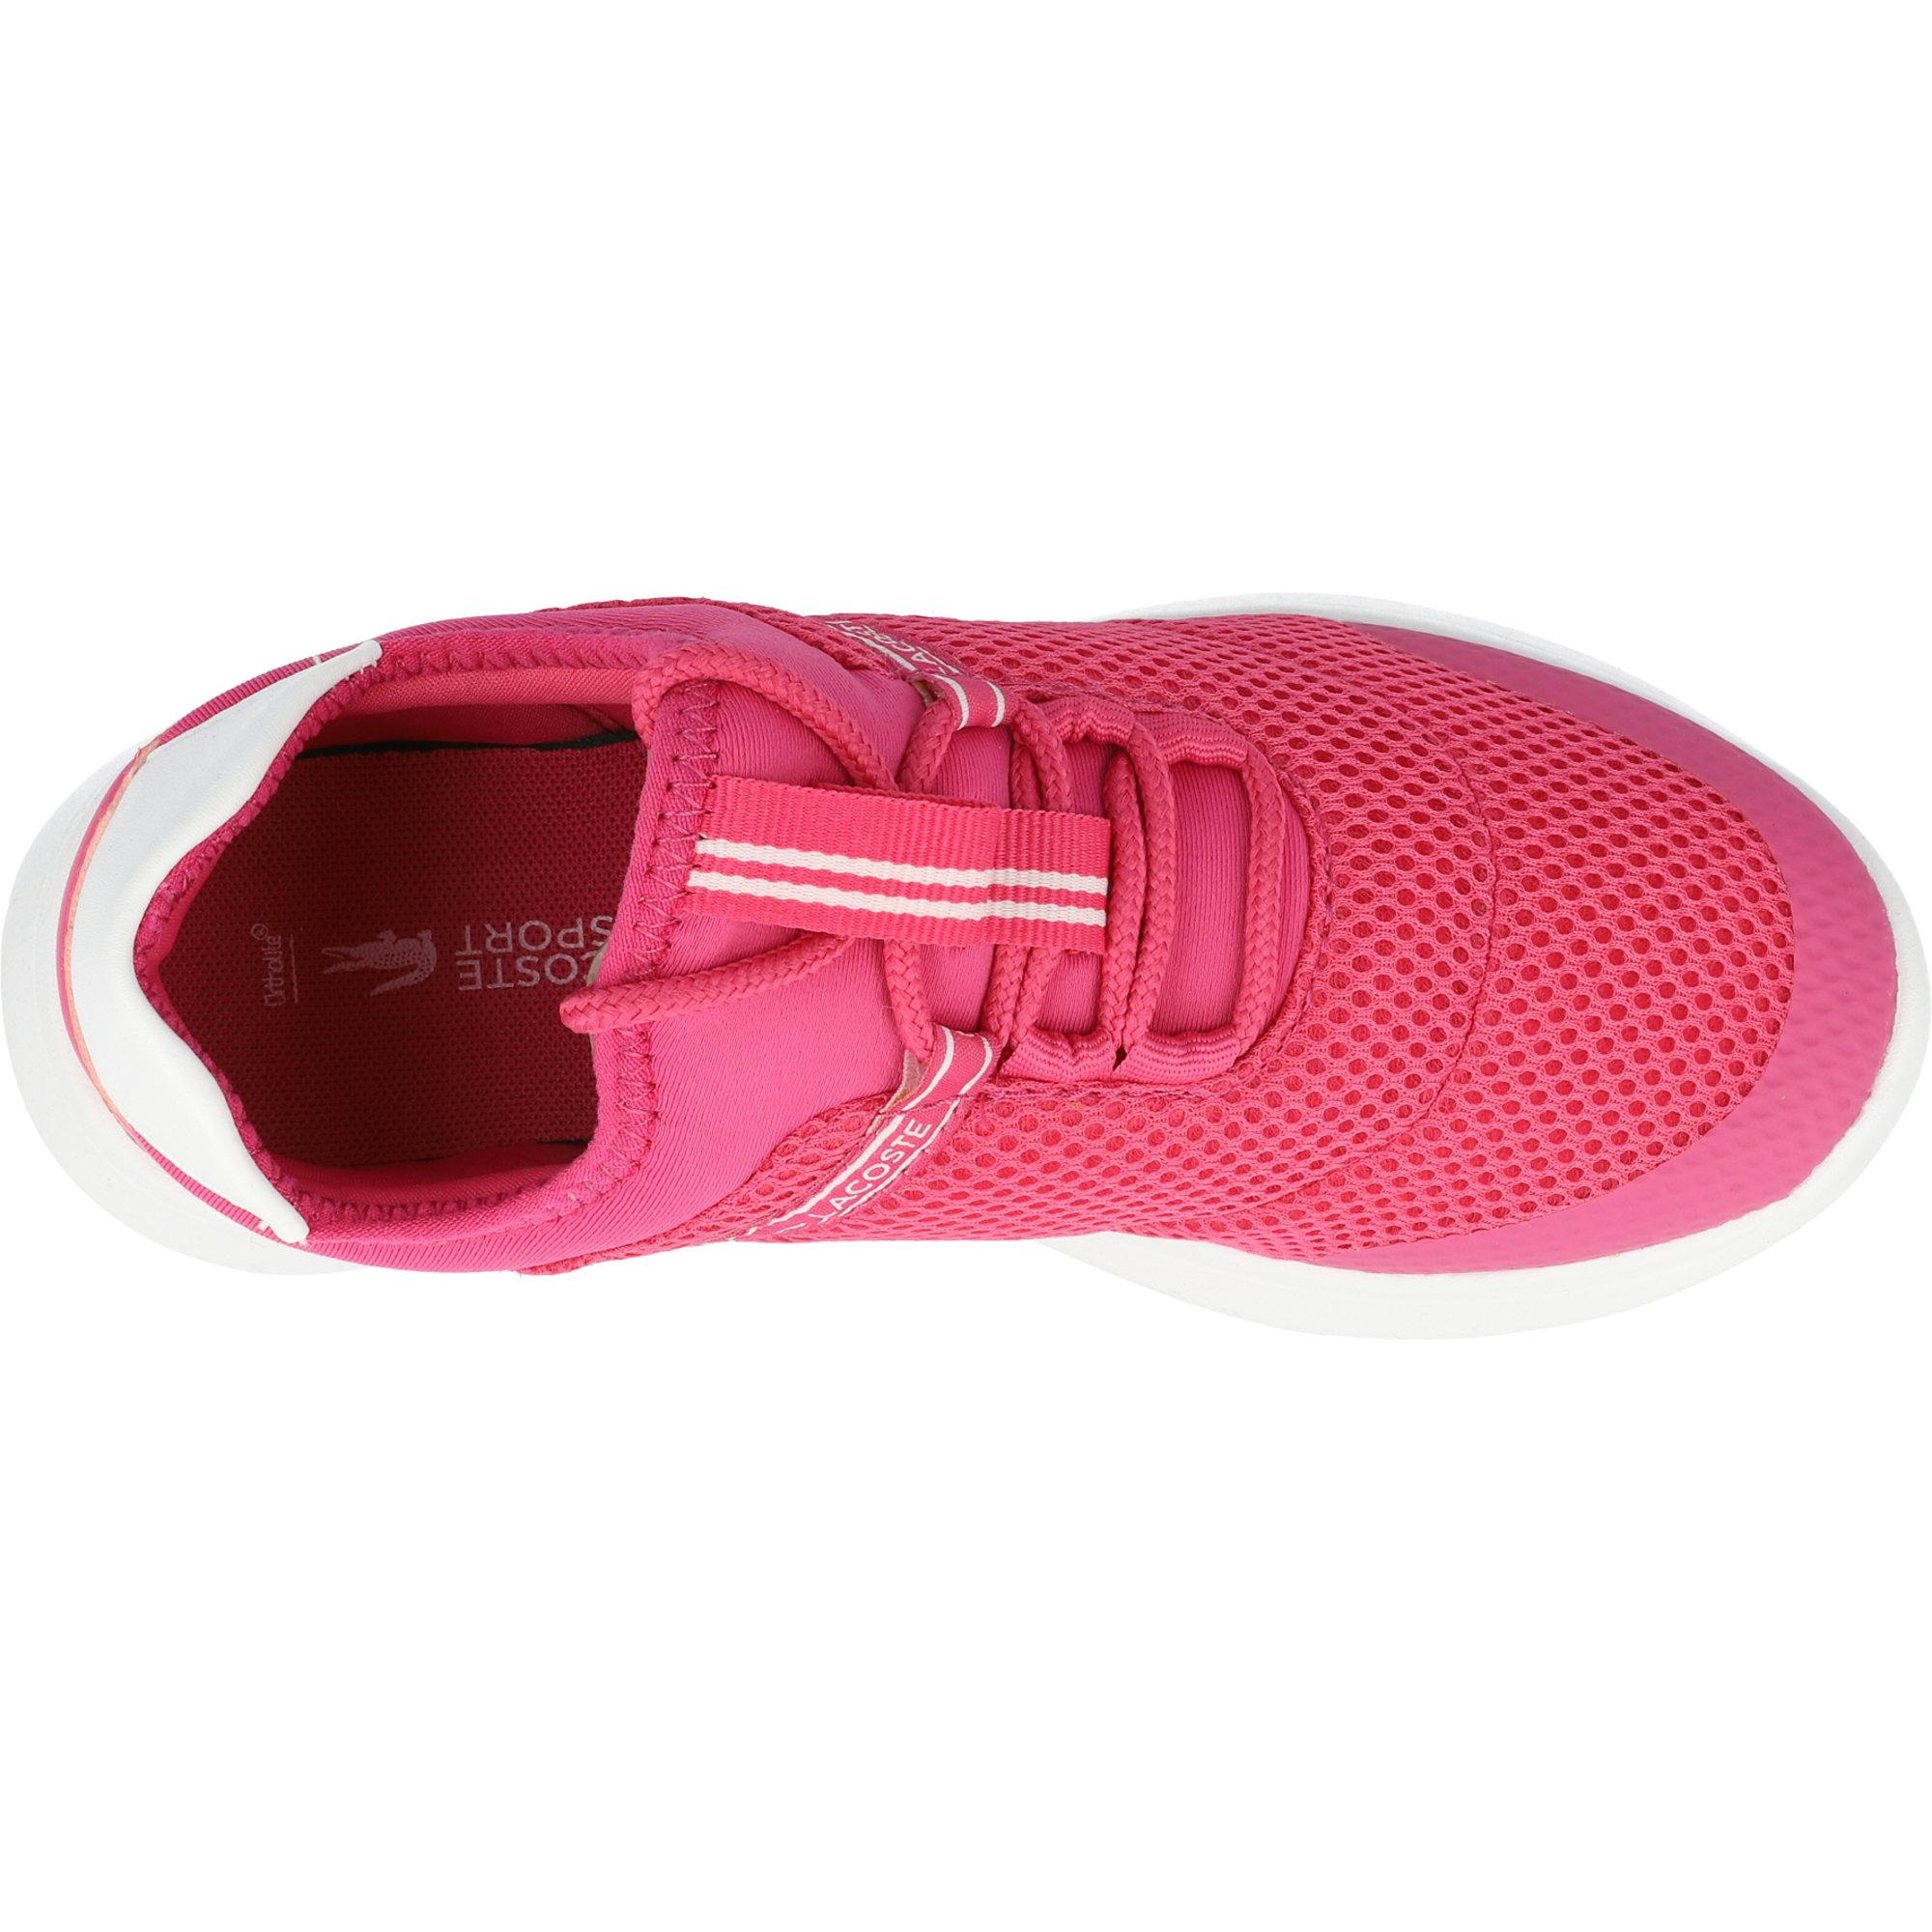 Lacoste LT Dash 119 1 Dark Pink/White Textile